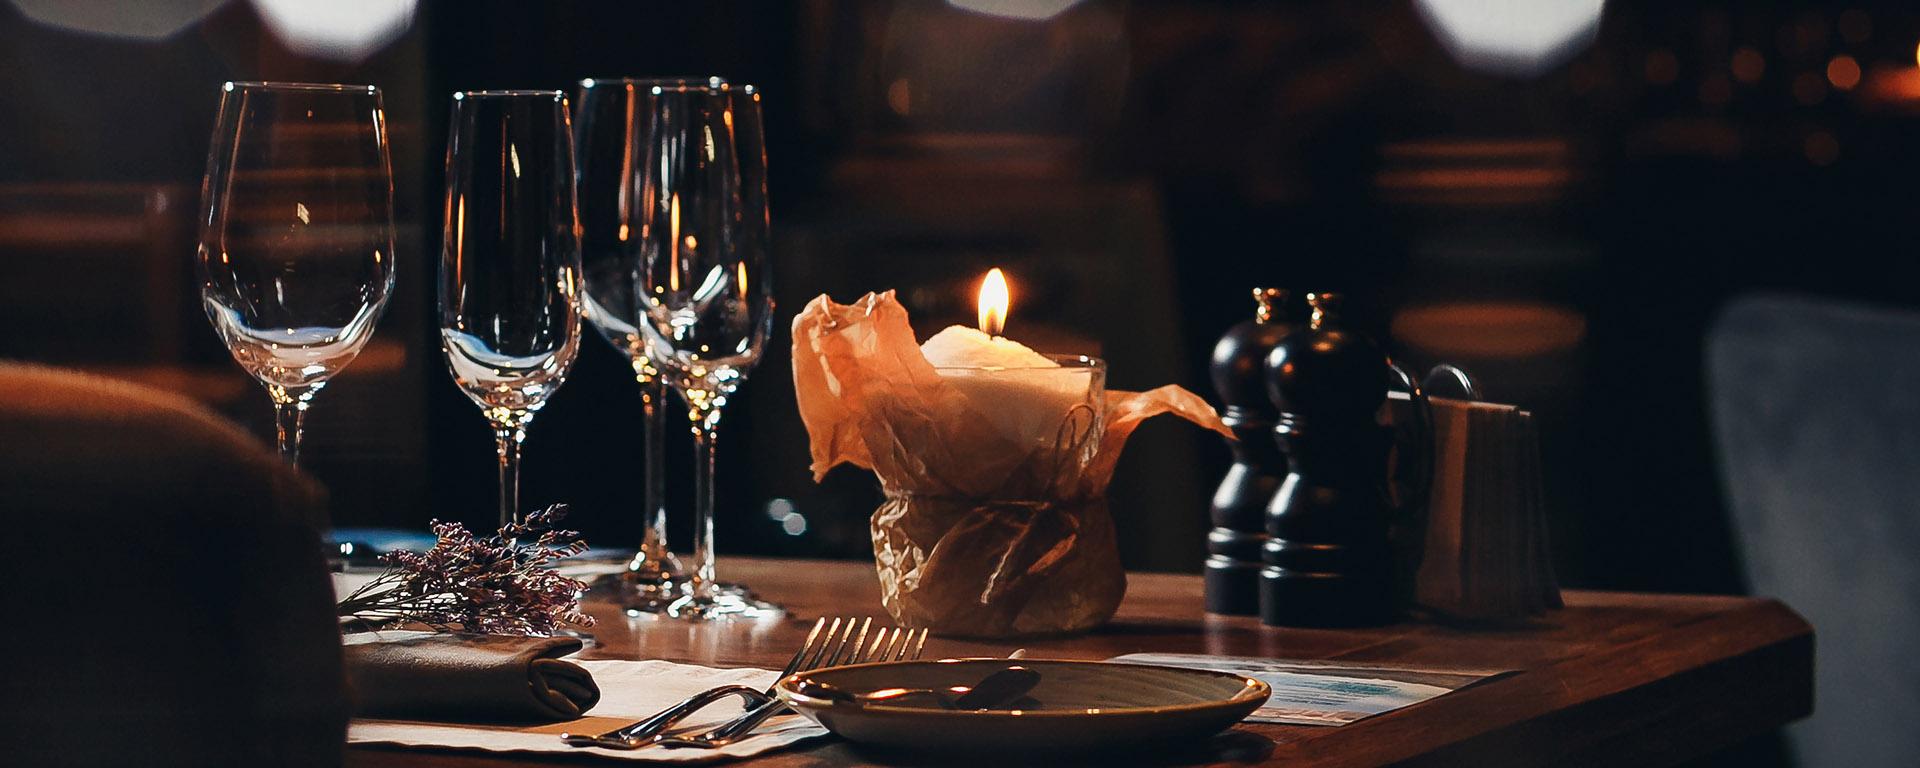 Top-Event-Location & Hochzeitslocation in Singen: Feiern Sie in Seile's Restaurant im Hegau-Tower in Singen.